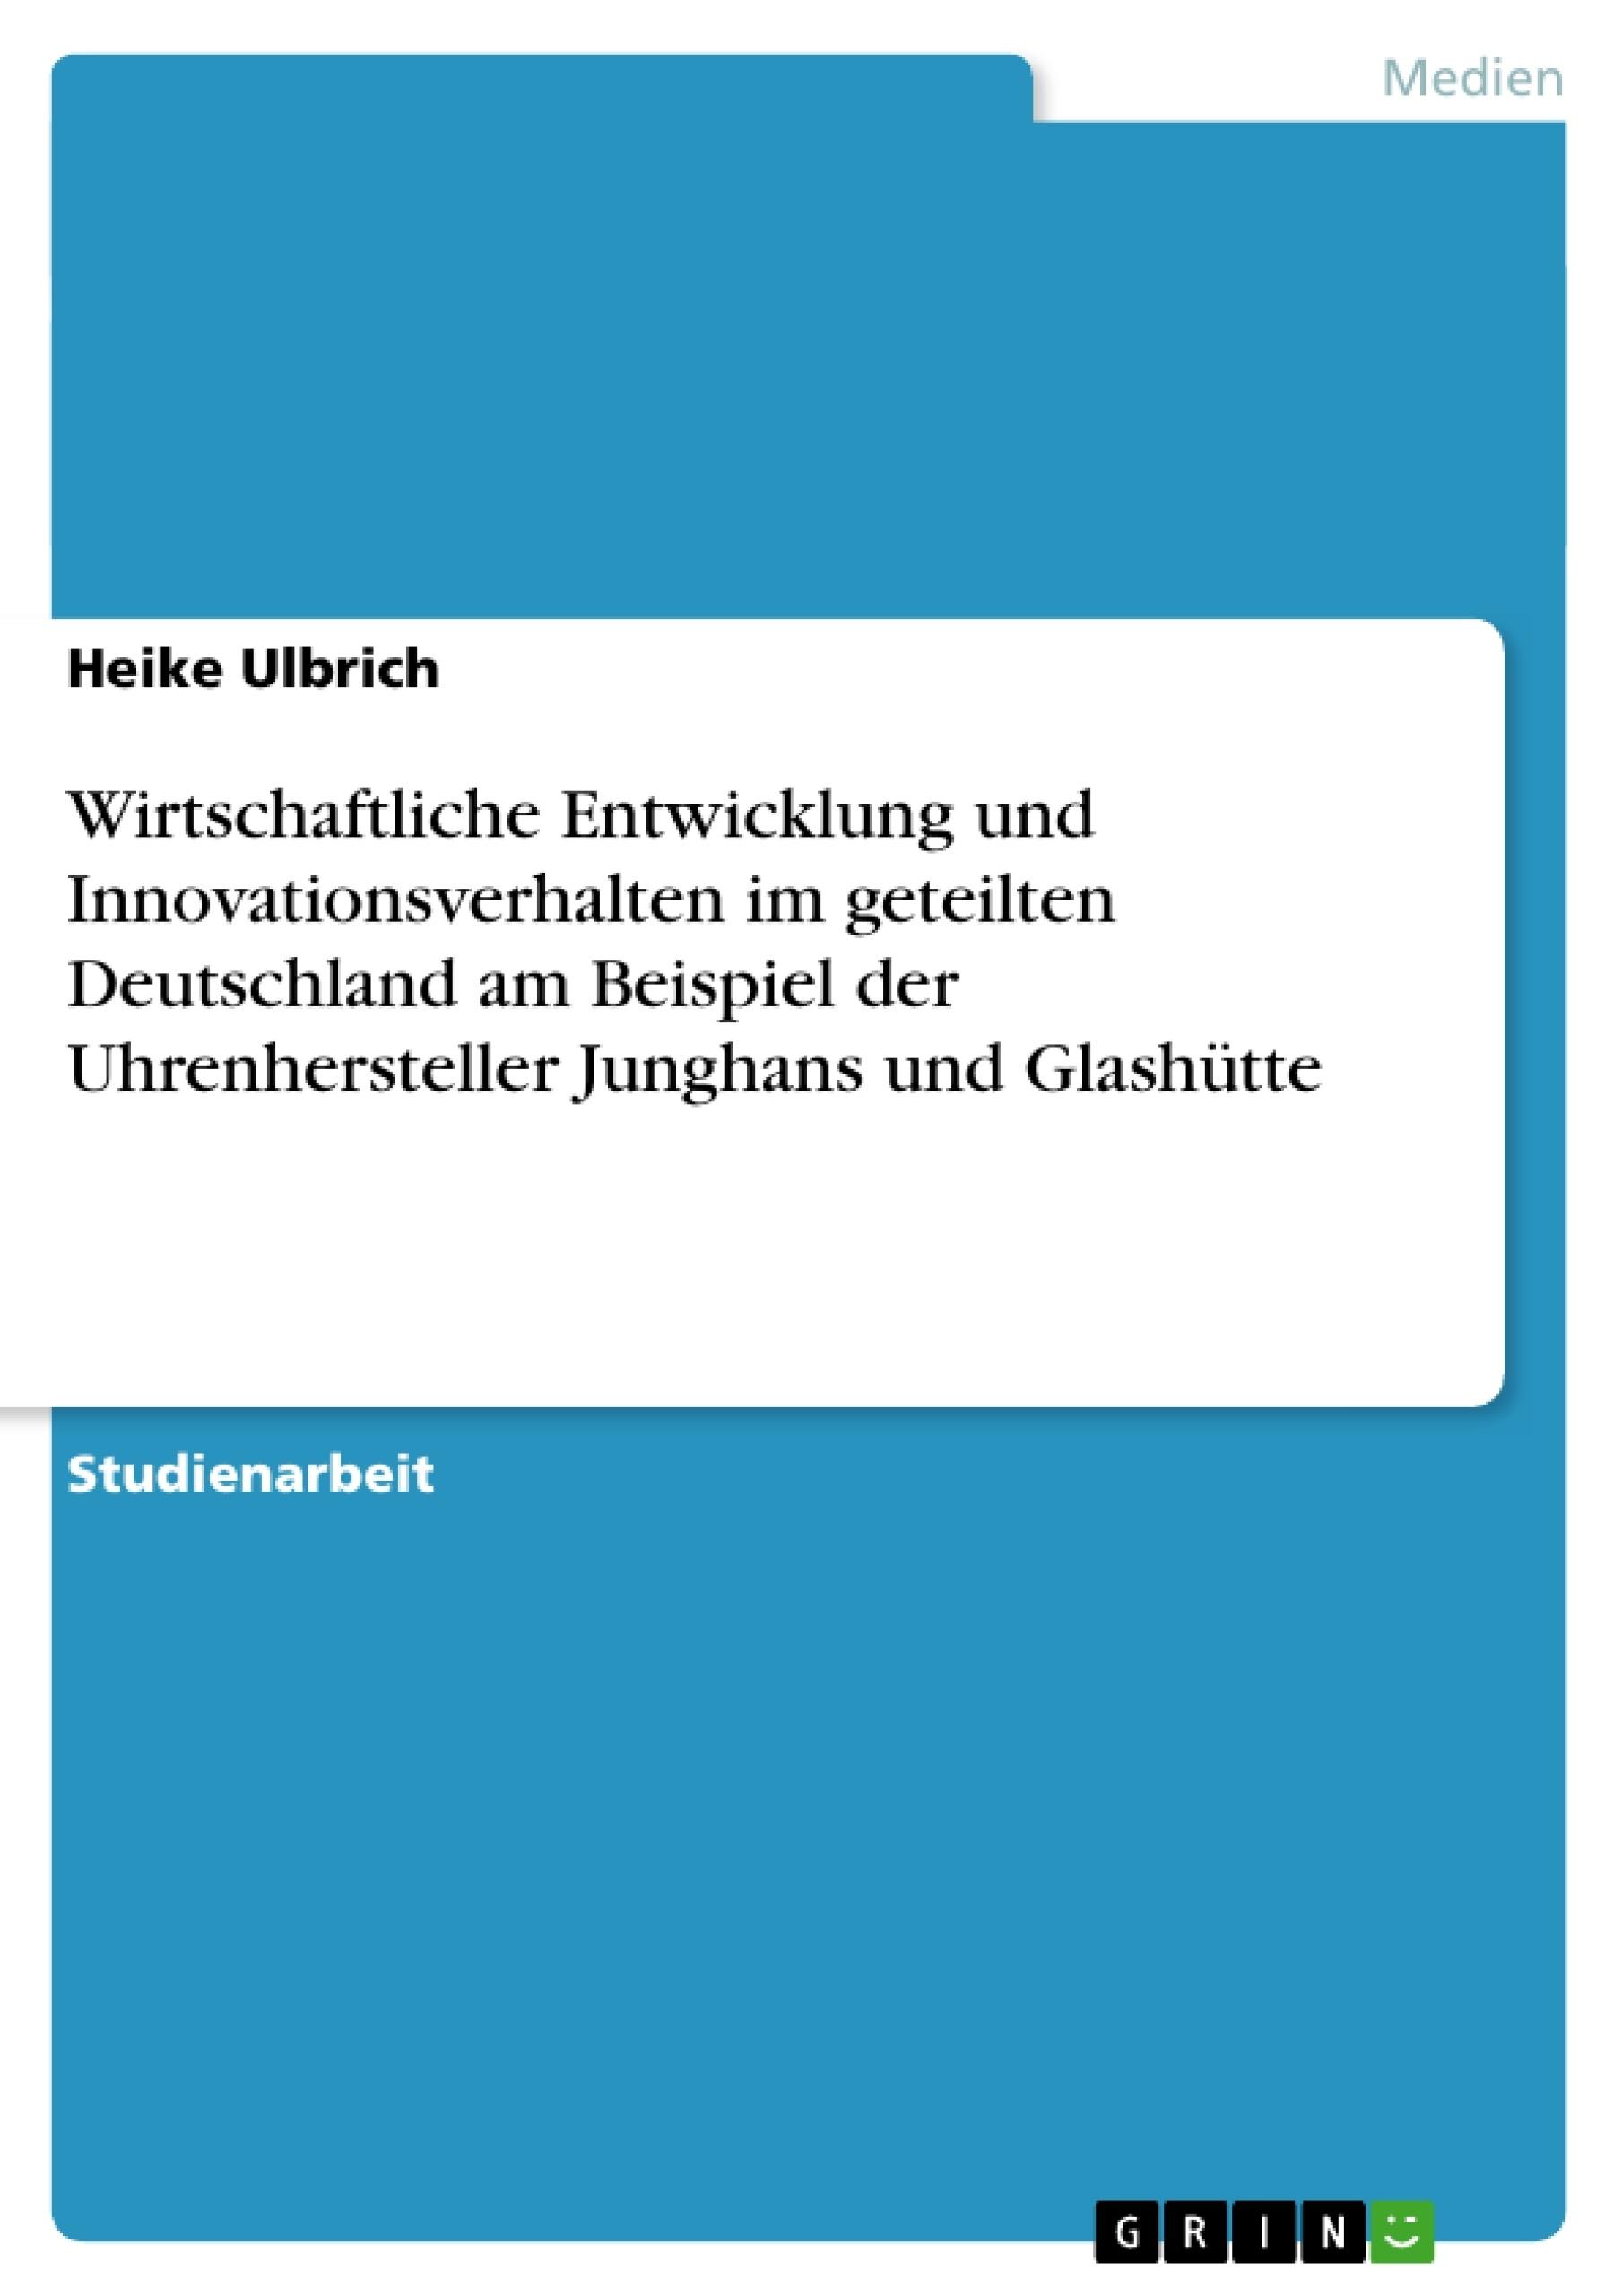 Titel: Wirtschaftliche Entwicklung und Innovationsverhalten im geteilten Deutschland am Beispiel der Uhrenhersteller Junghans und Glashütte